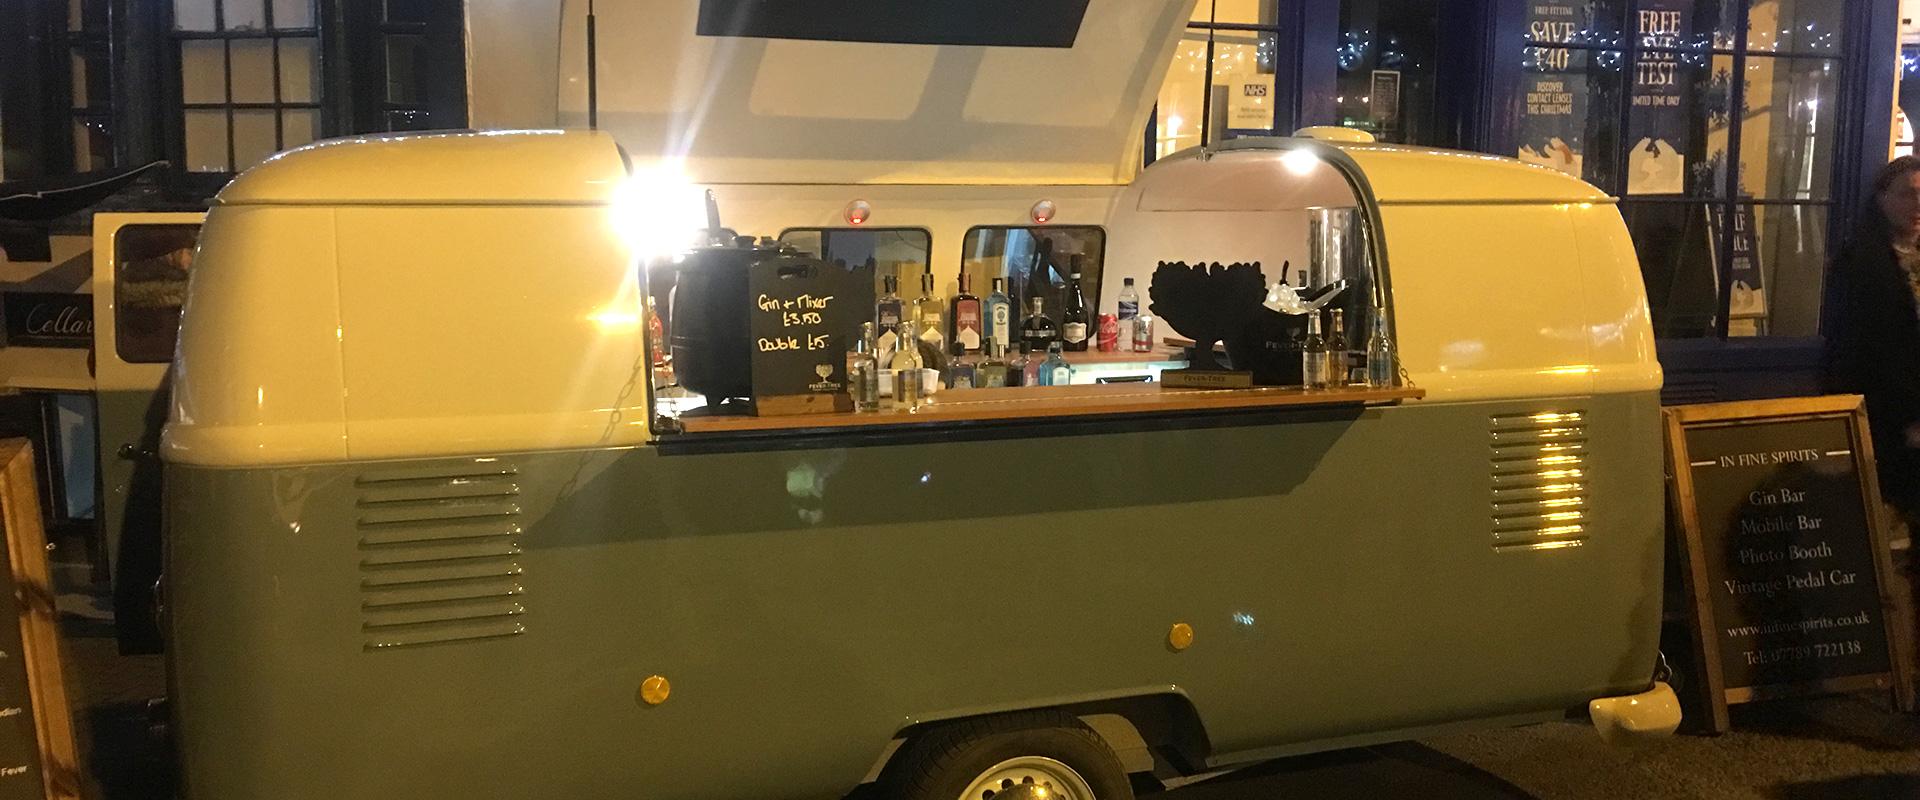 Dub Box - Home of the cool retro camper caravan